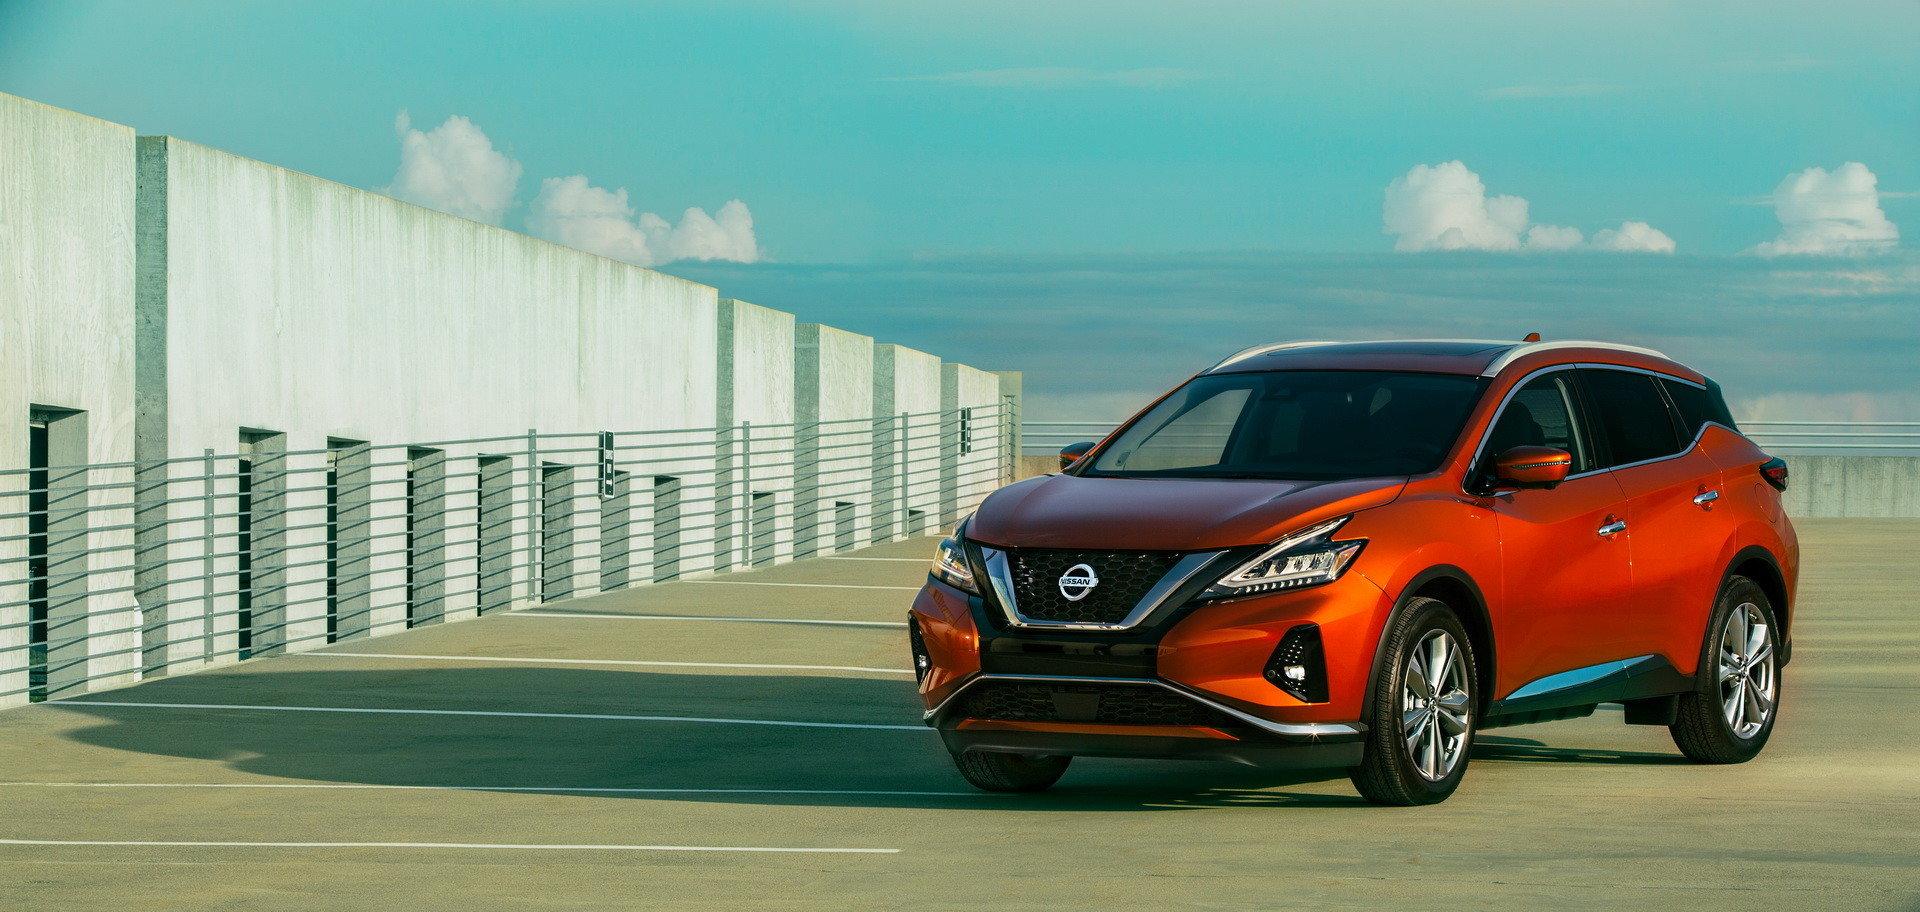 Кроссовер Nissan Murano получил максимальный пакет безопасности